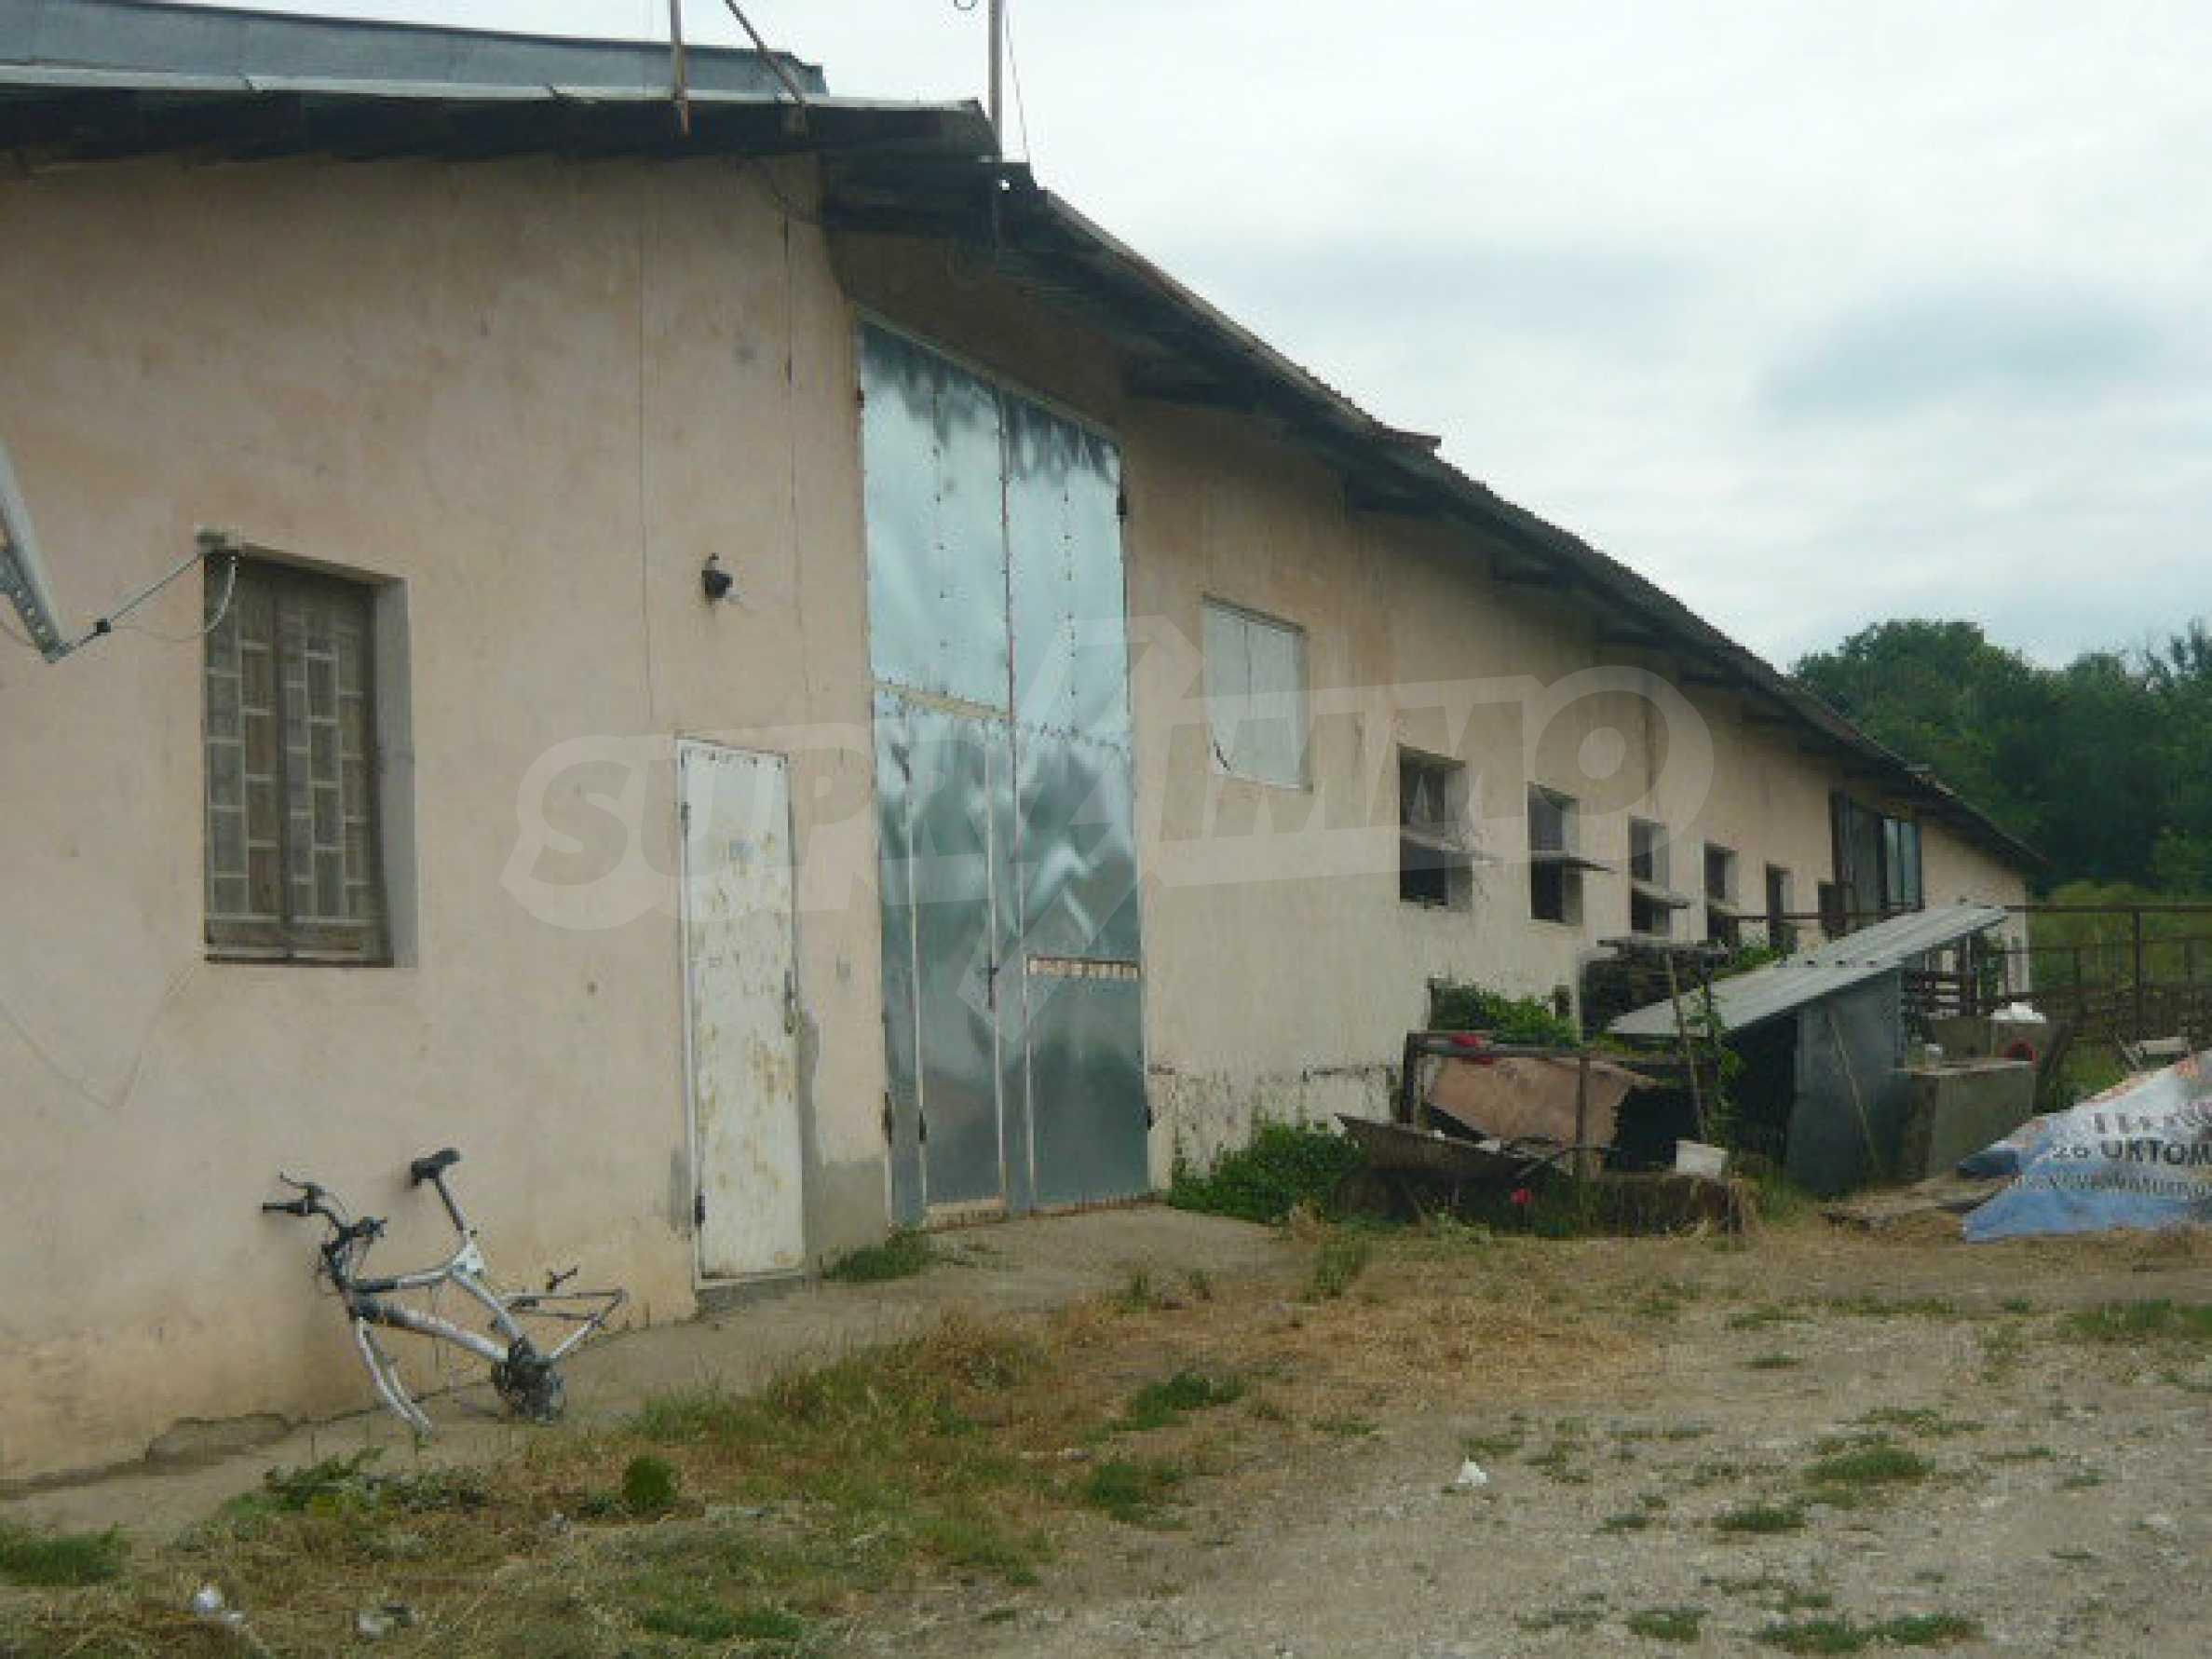 Neues Bauernhaus in einem Dorf in der Nähe von Veliko Tarnovo 21